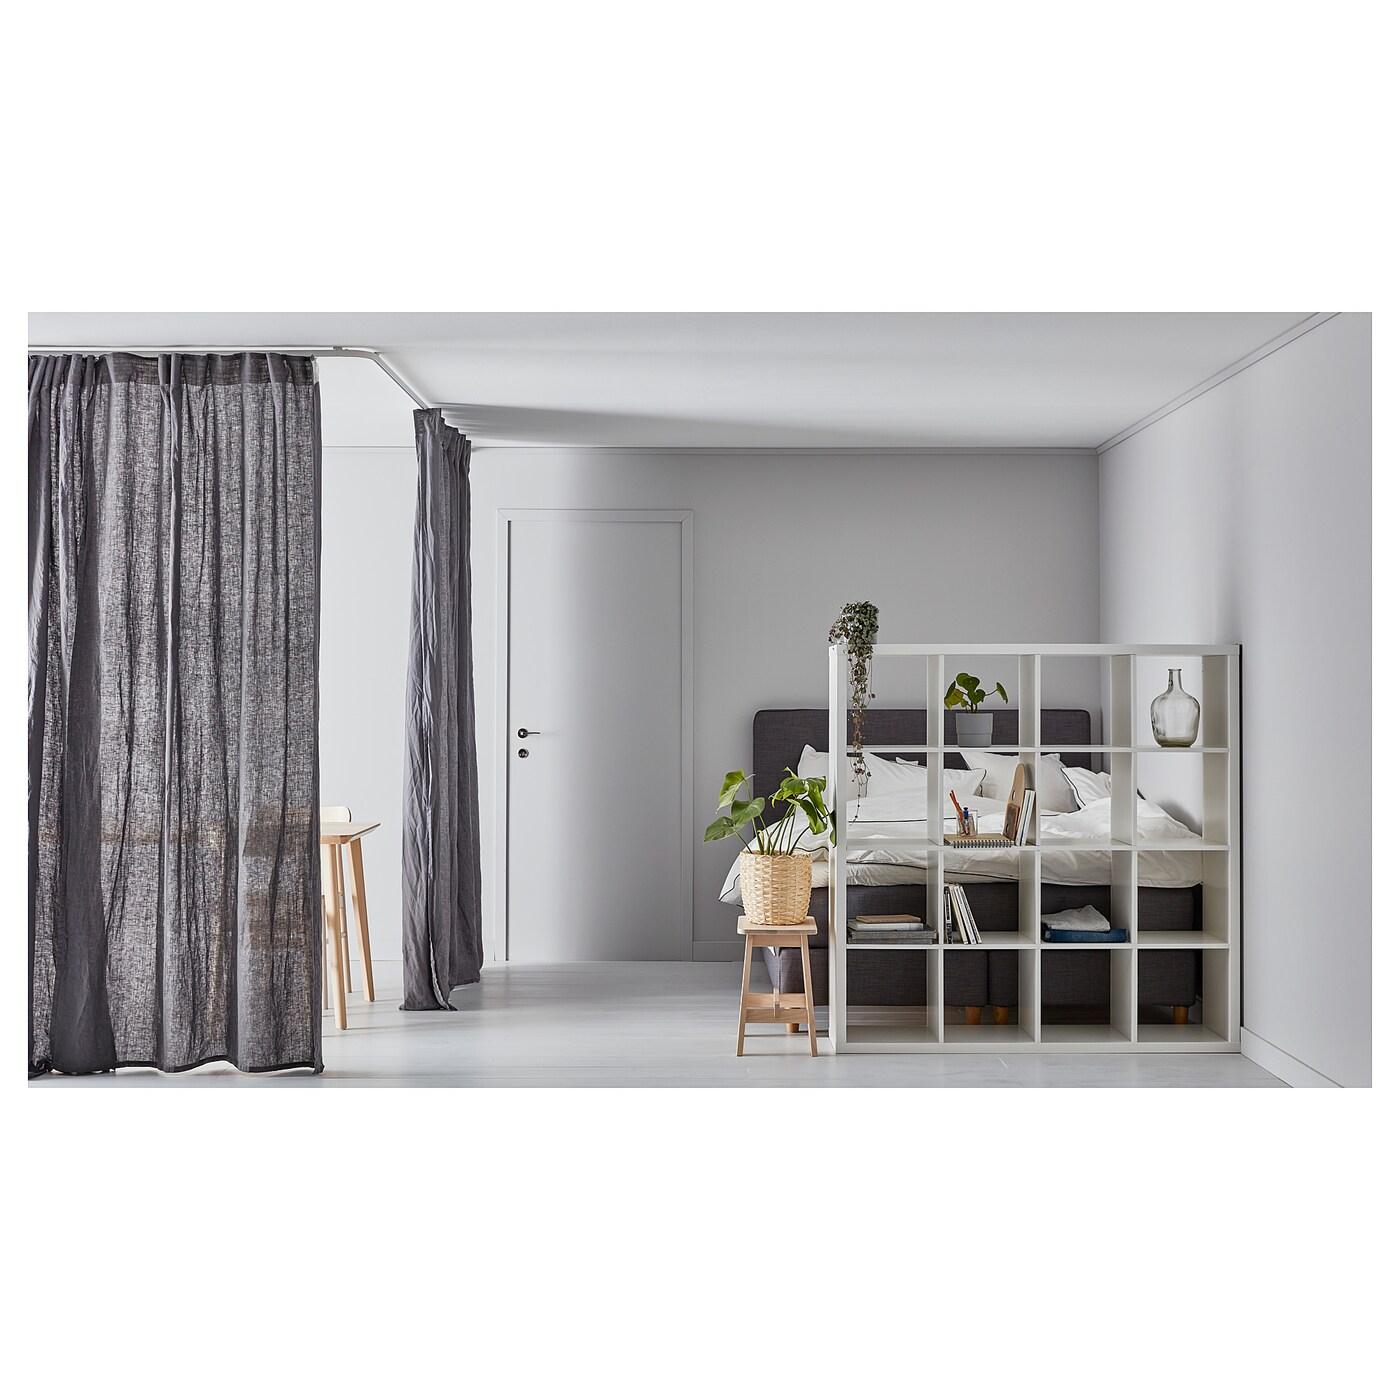 Full Size of Kallaregal Quadratisch Auch Als Raumteiler Praktisch Ikea Betten 160x200 Küche Kosten Bei Sofa Mit Schlaffunktion Glastrennwand Dusche Trennwand Garten Kaufen Wohnzimmer Trennwand Ikea